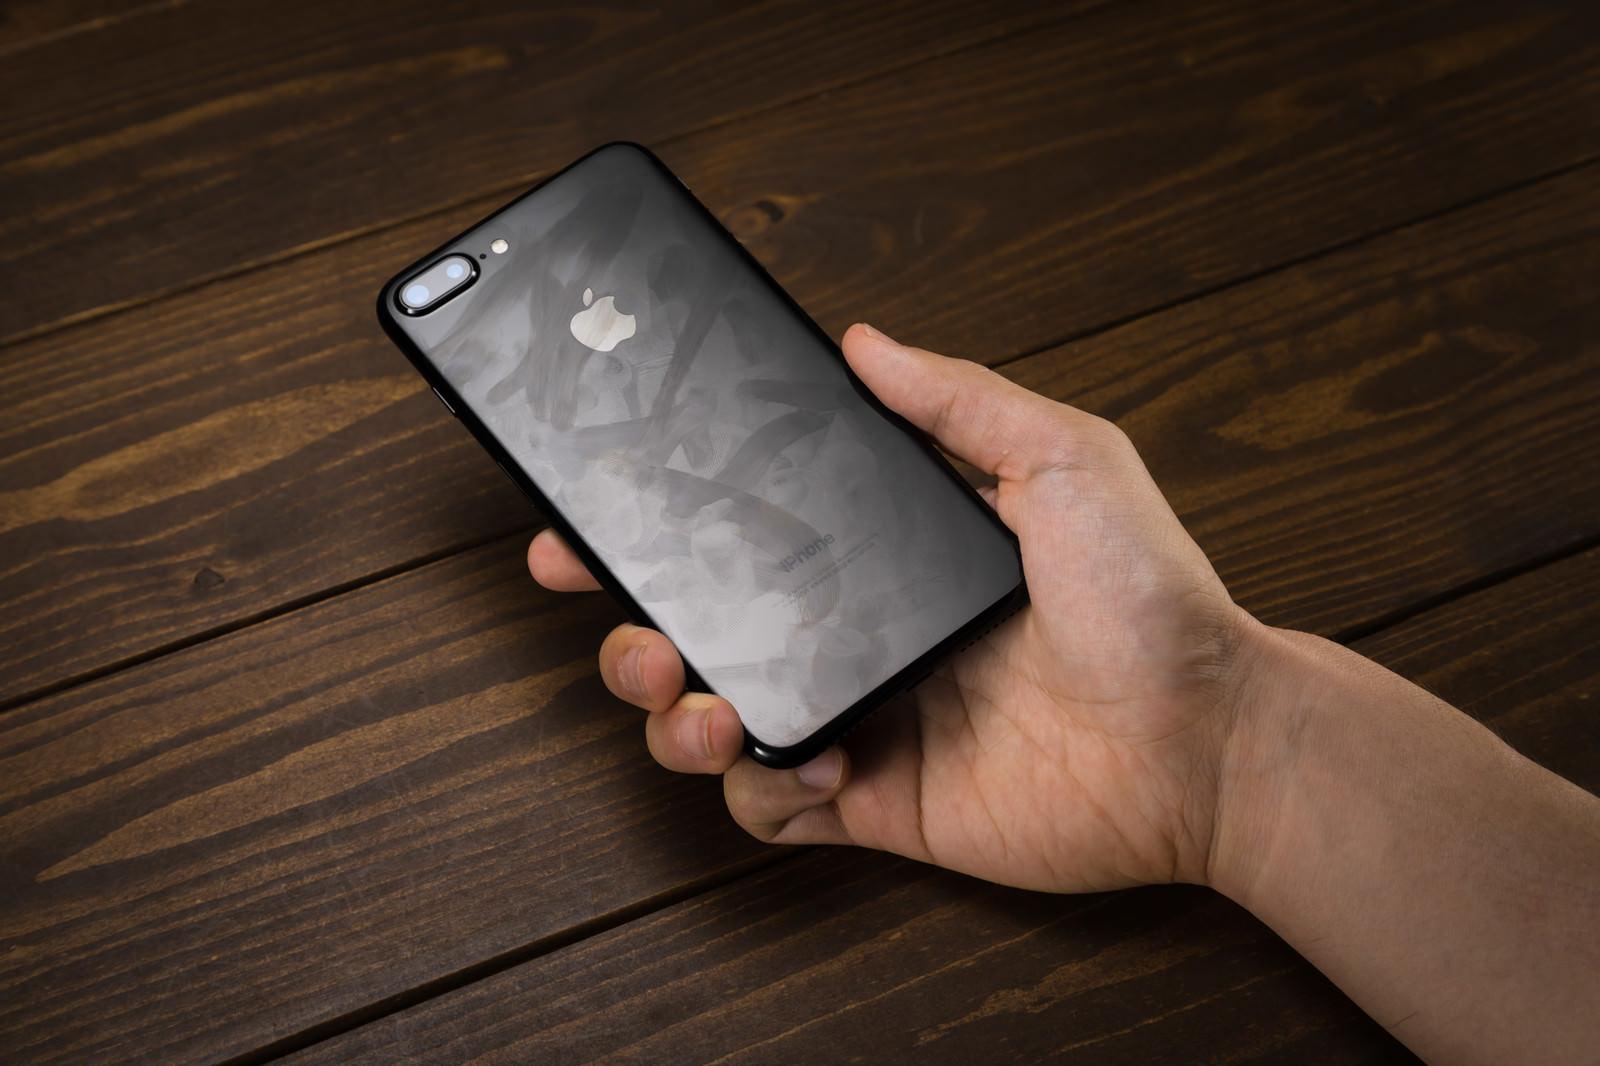 「指紋の跡がべったり残る光沢ボディのスマートフォン」の写真